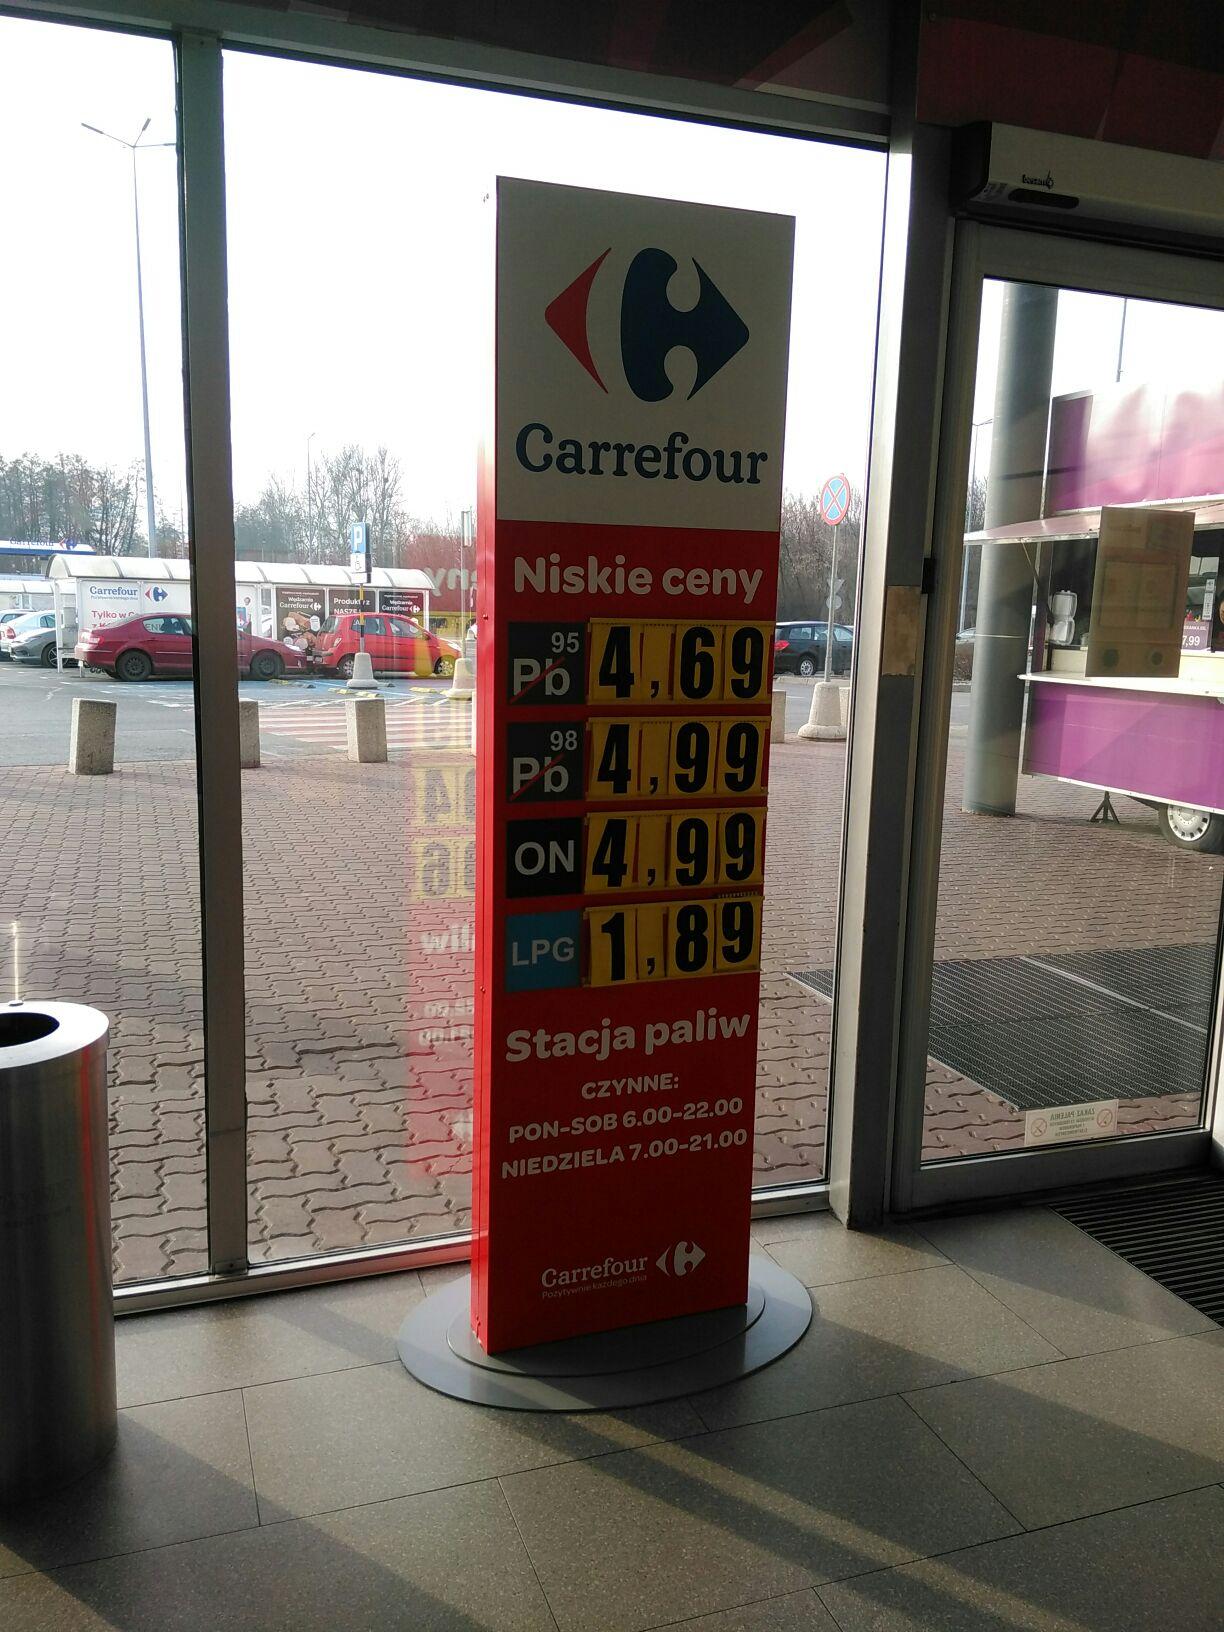 LPG Łódź Carrefour Kolumny